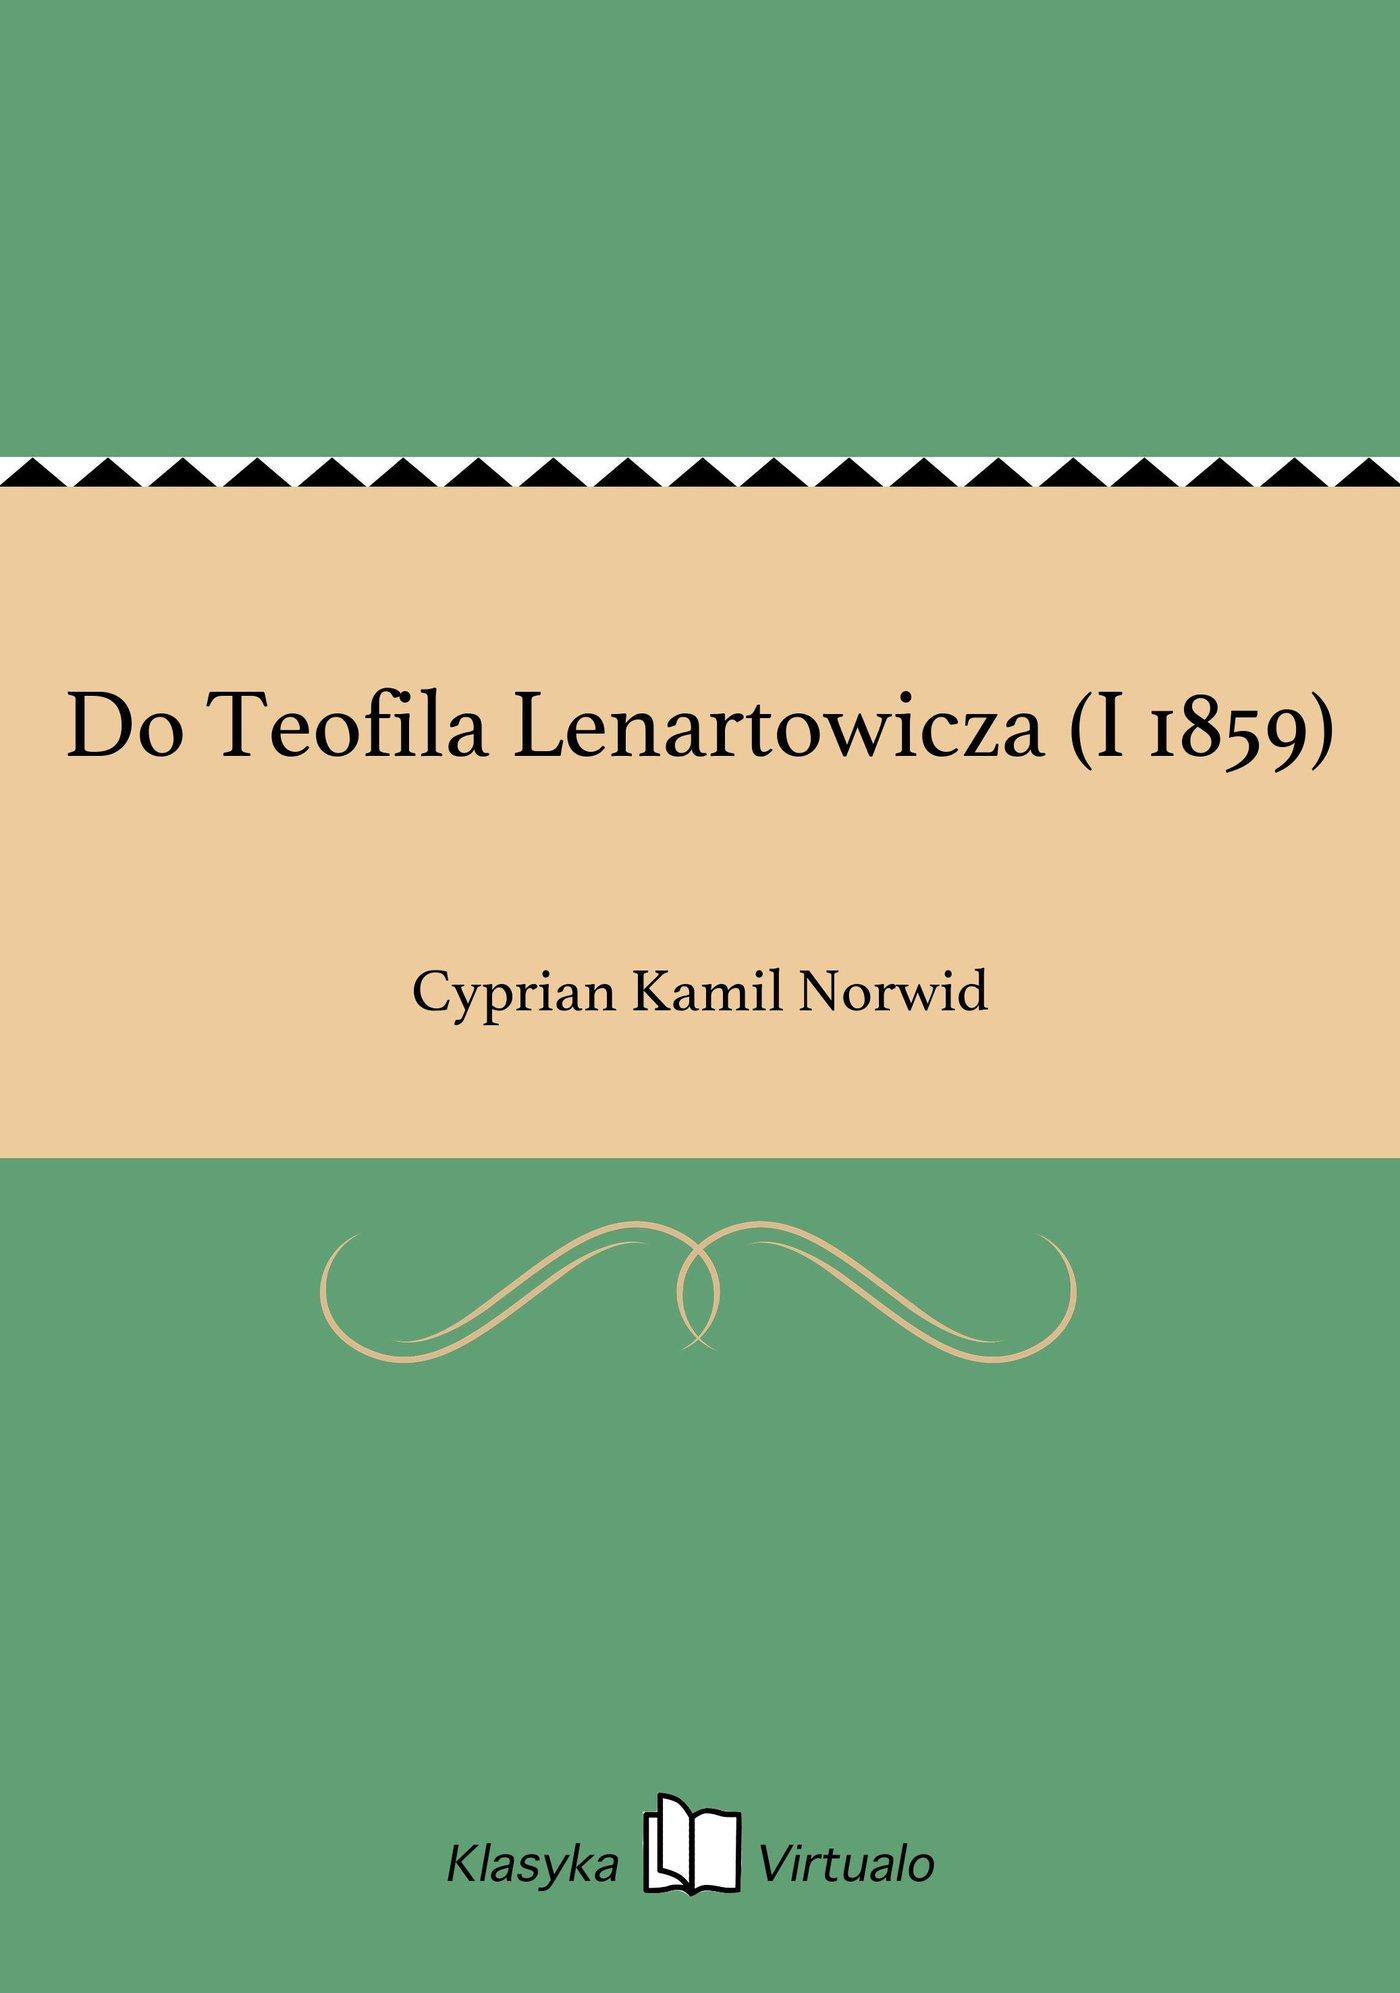 Do Teofila Lenartowicza (I 1859) - Ebook (Książka EPUB) do pobrania w formacie EPUB